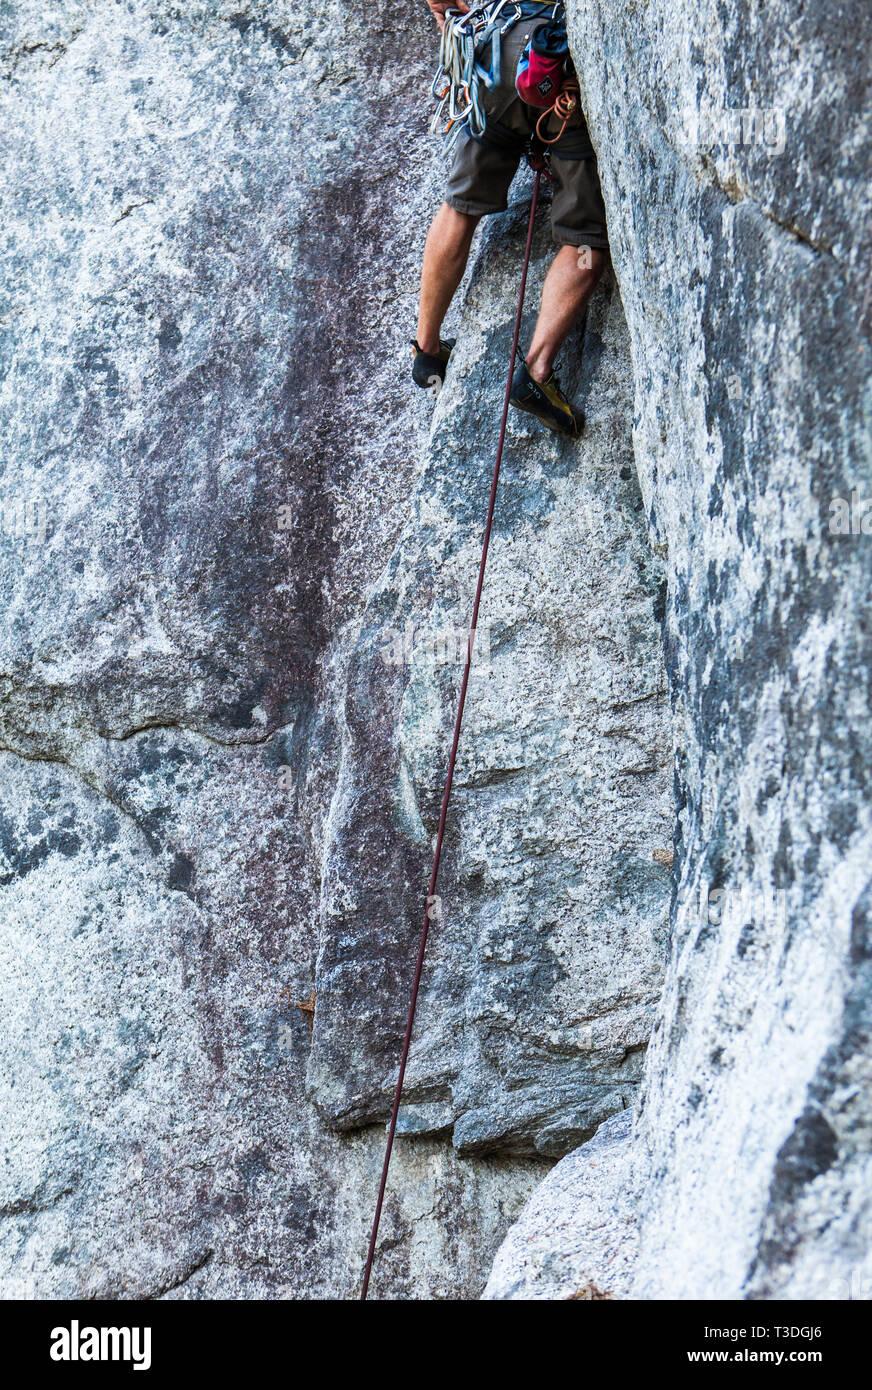 Un hombre escalador ejecuta (subiendo un largo camino sin proteger la posible caída) en el pequeño fume Bluffs área de escalada, Squamish, BC. Foto de stock